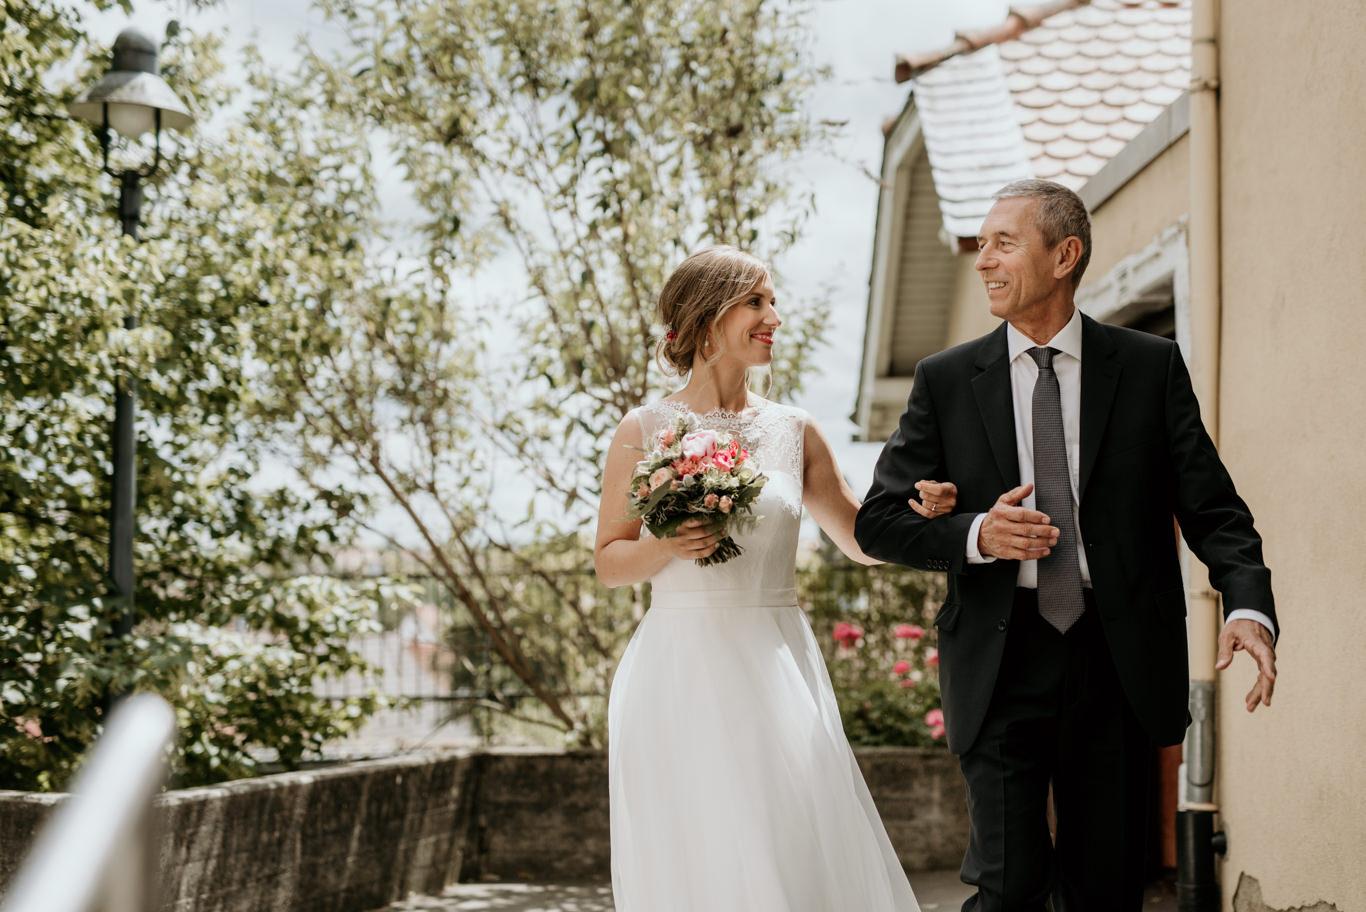 Hochzeitsreportage Westhofen Worms Alzey Hochzeitsfotograf Brautvater Braut Kirche